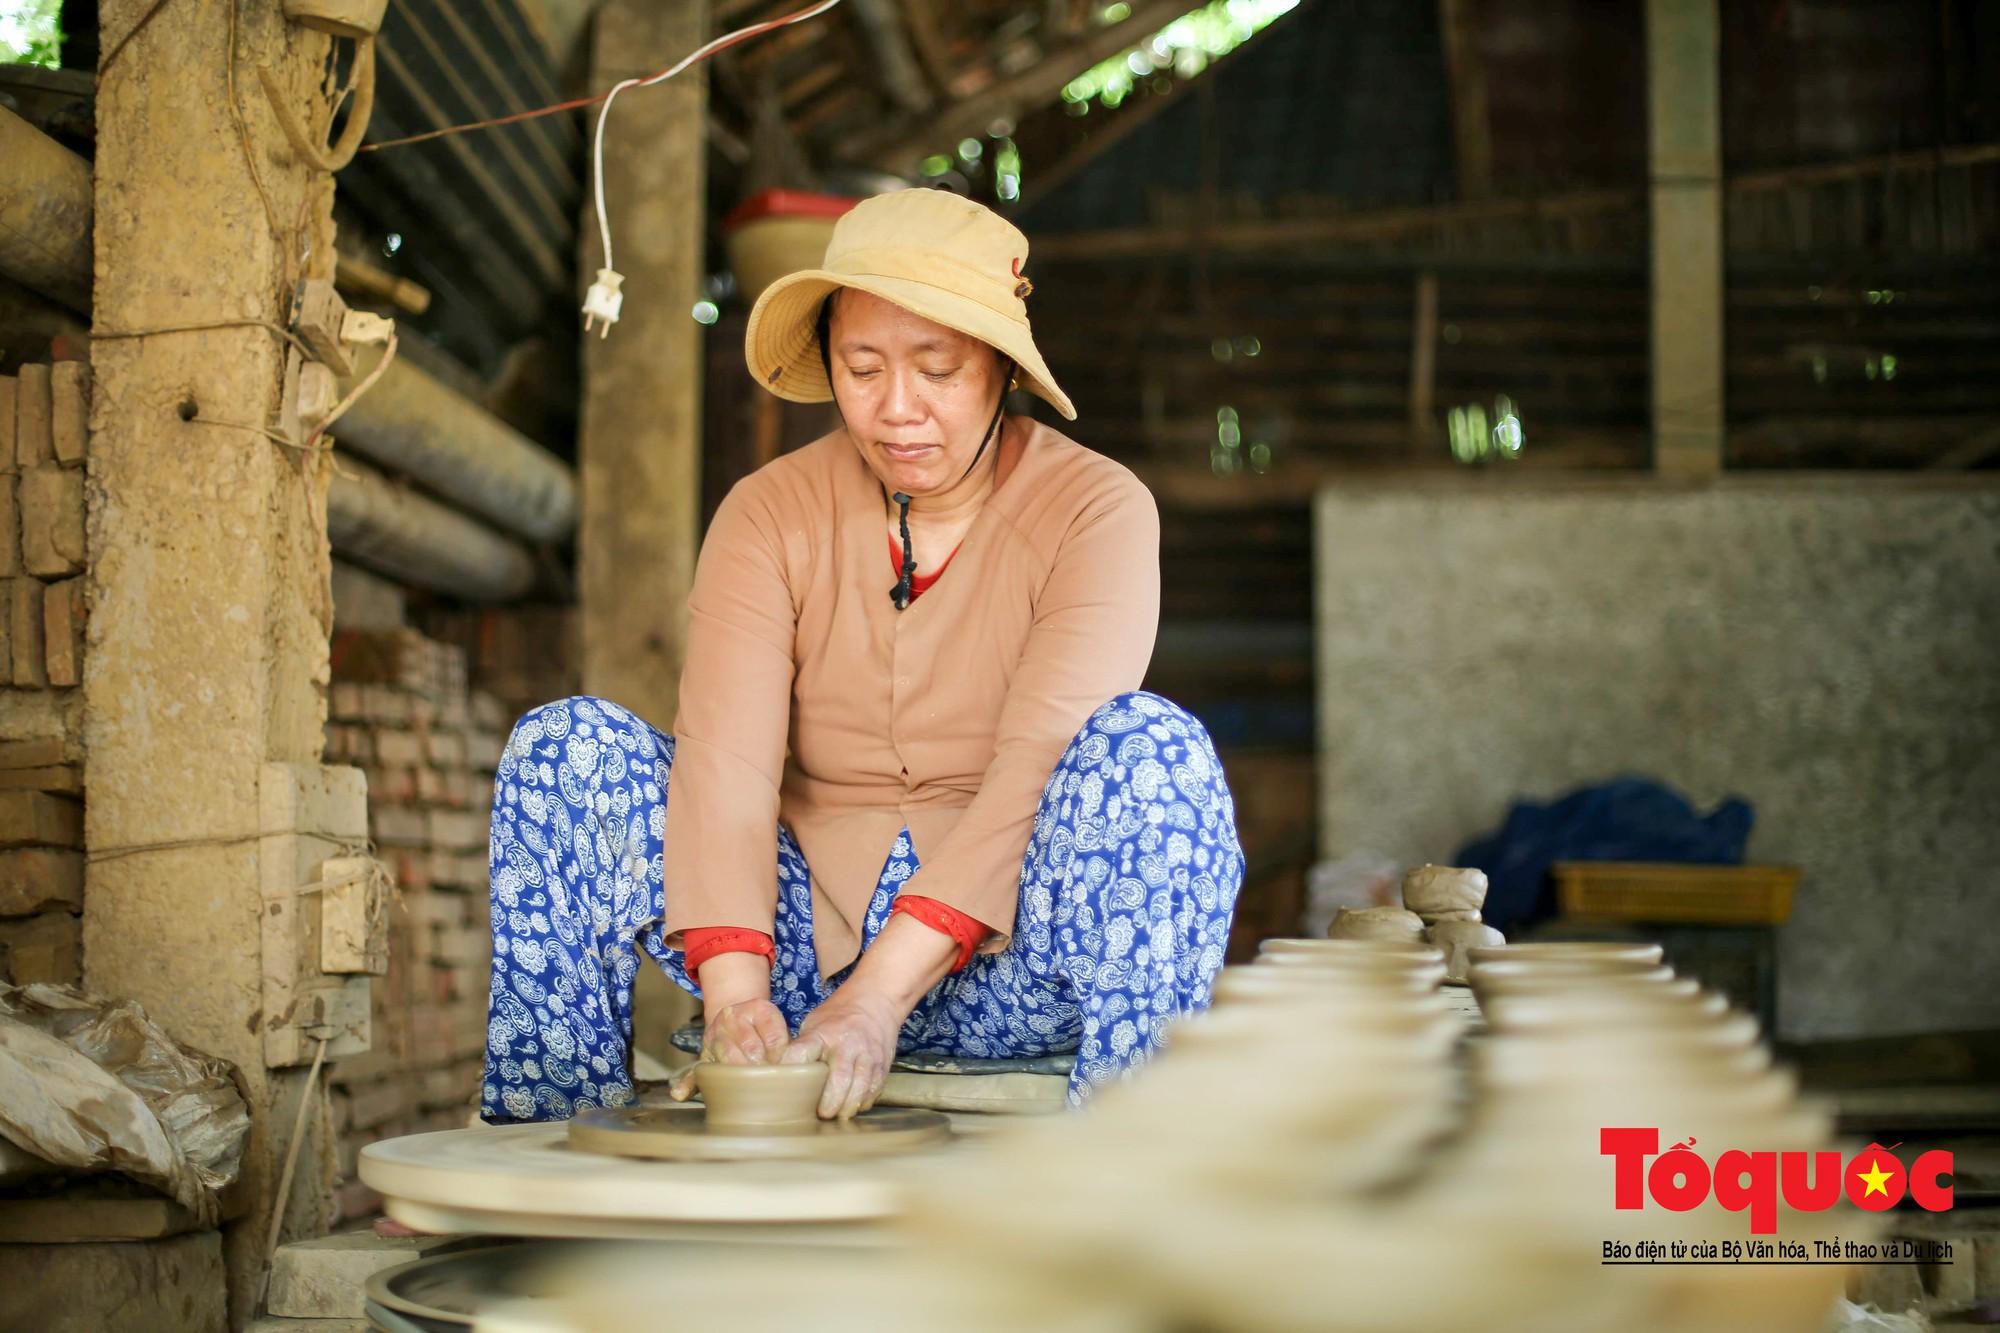 Vẻ đẹp trầm mặc của làng gốm gần nghìn năm tuổi bên dòng sông Thu Bồn10